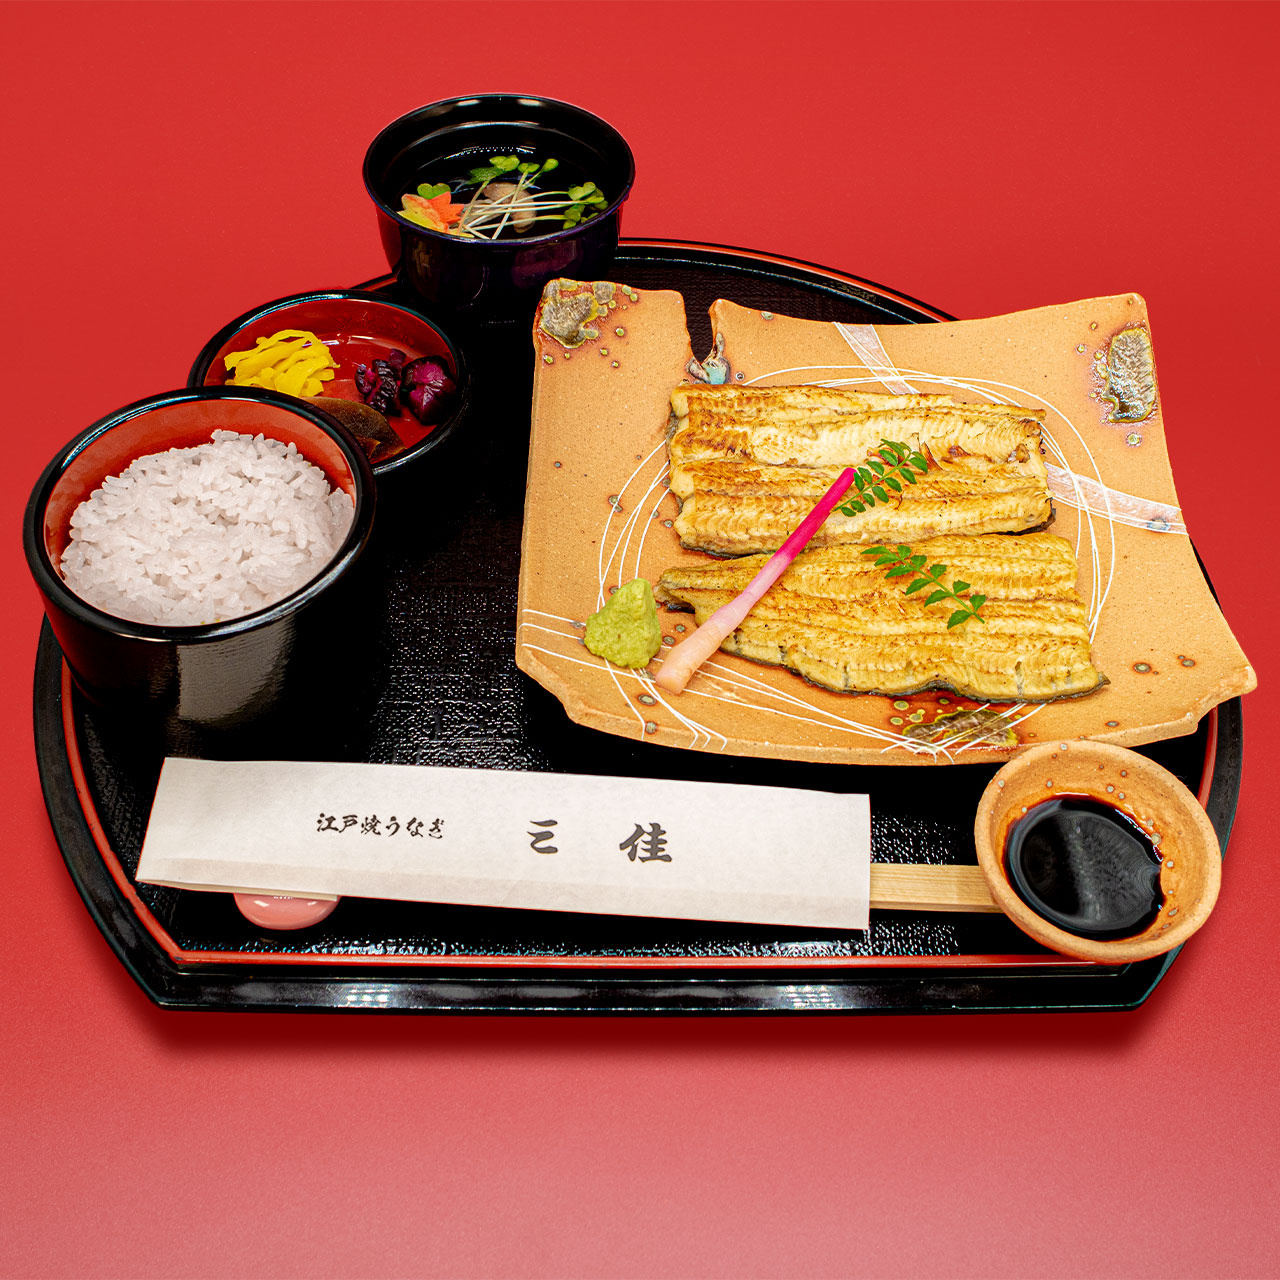 白焼うなぎフルサイズ(ご飯・きも吸付)4,600円